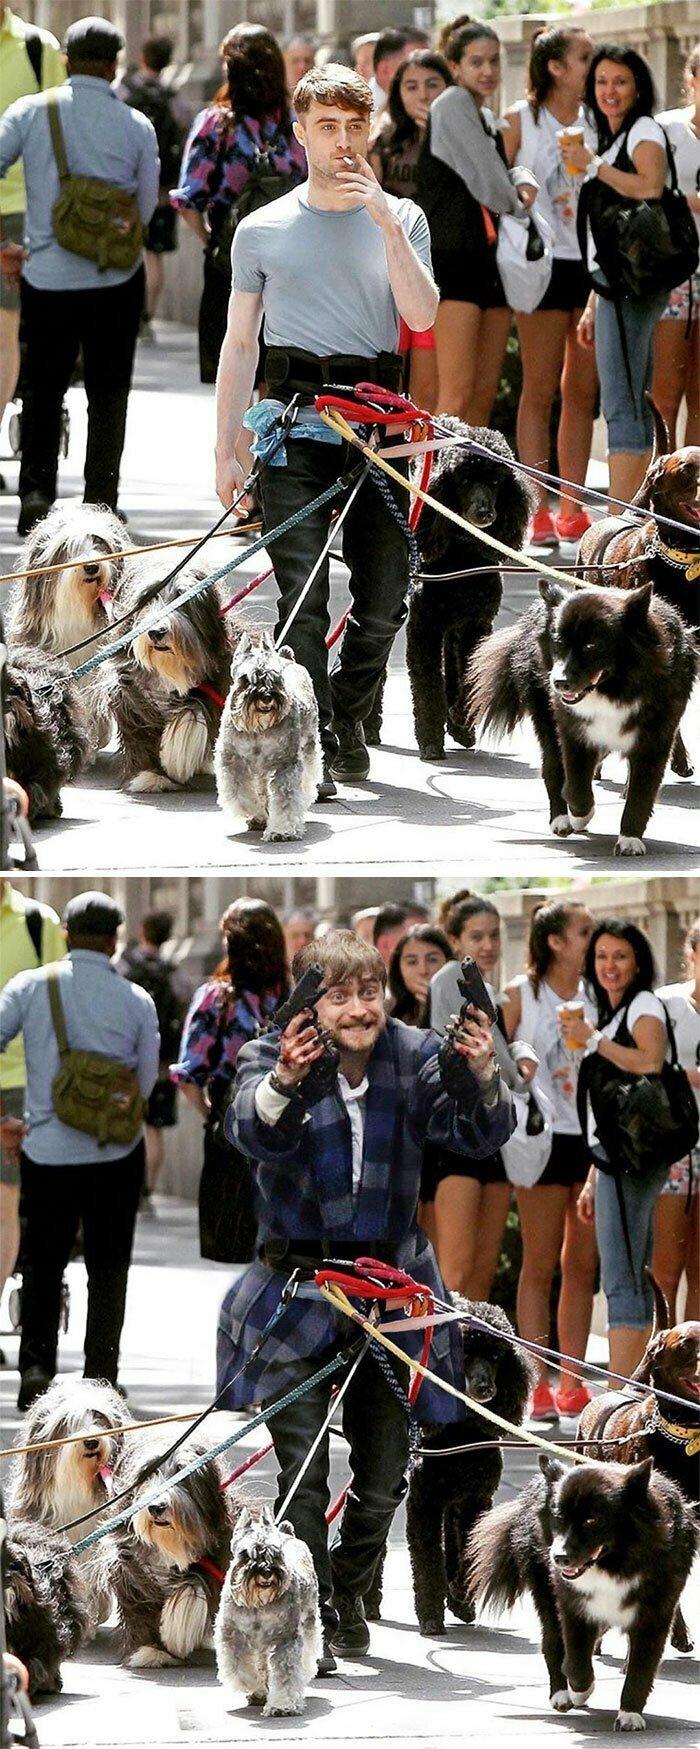 Дэниел Рэдклифф выгуливает собак